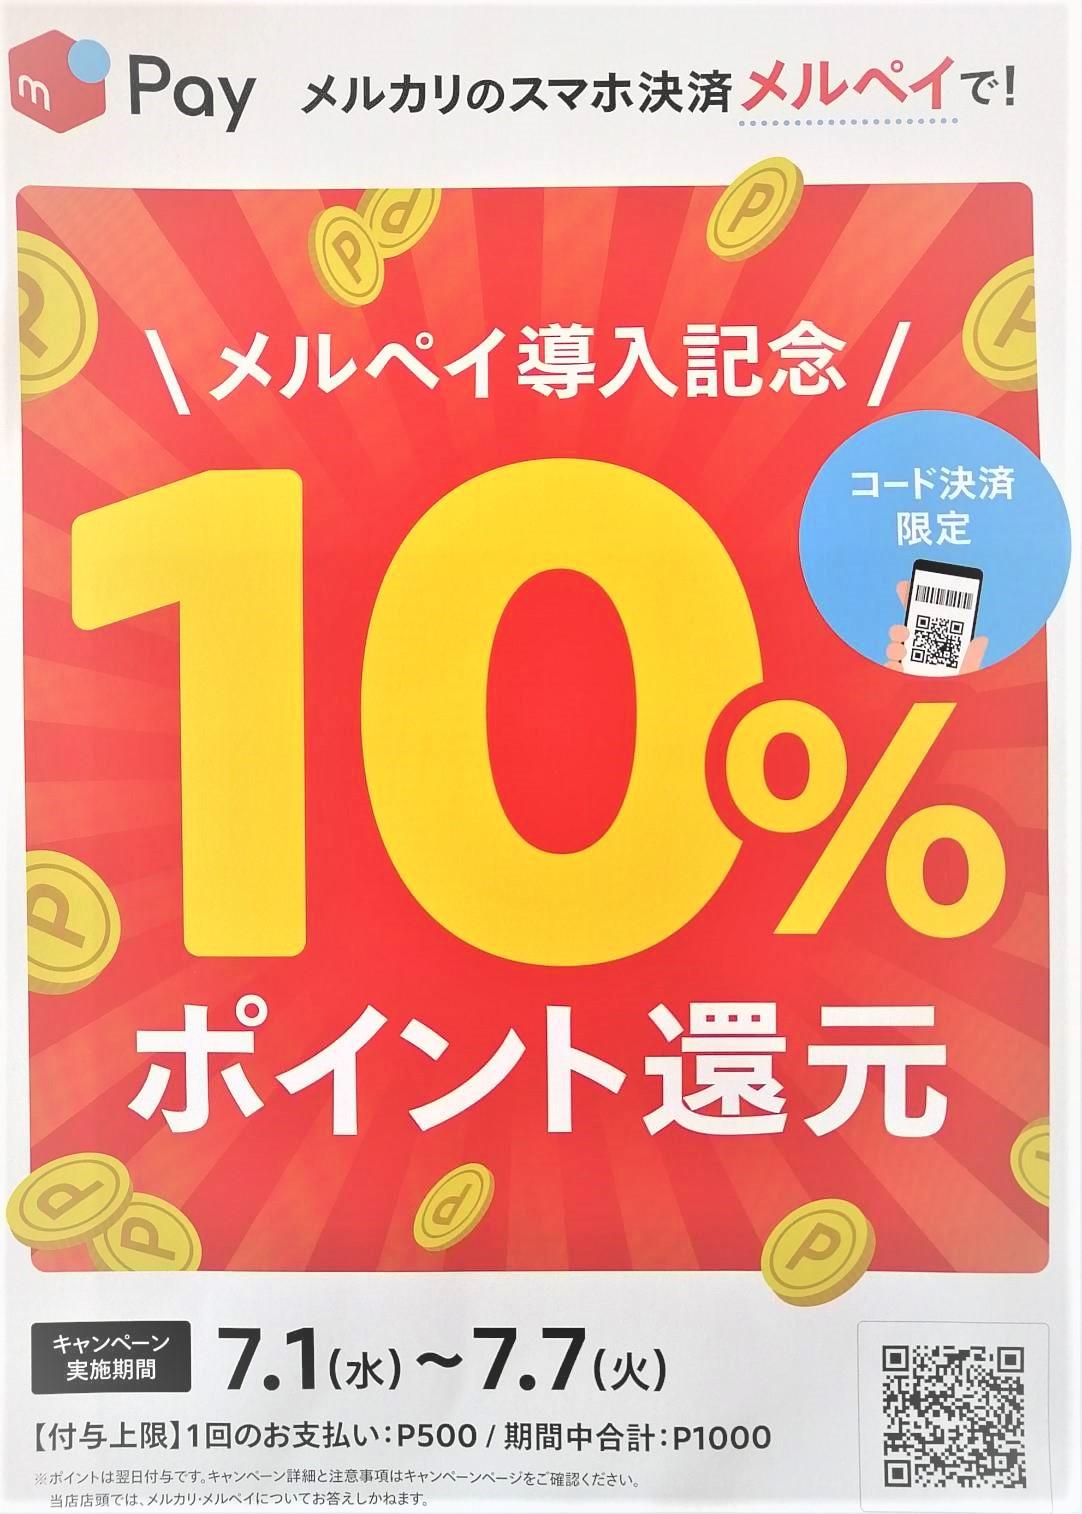 メルペイ導入記念でポイント10%還元キャンペーン!!